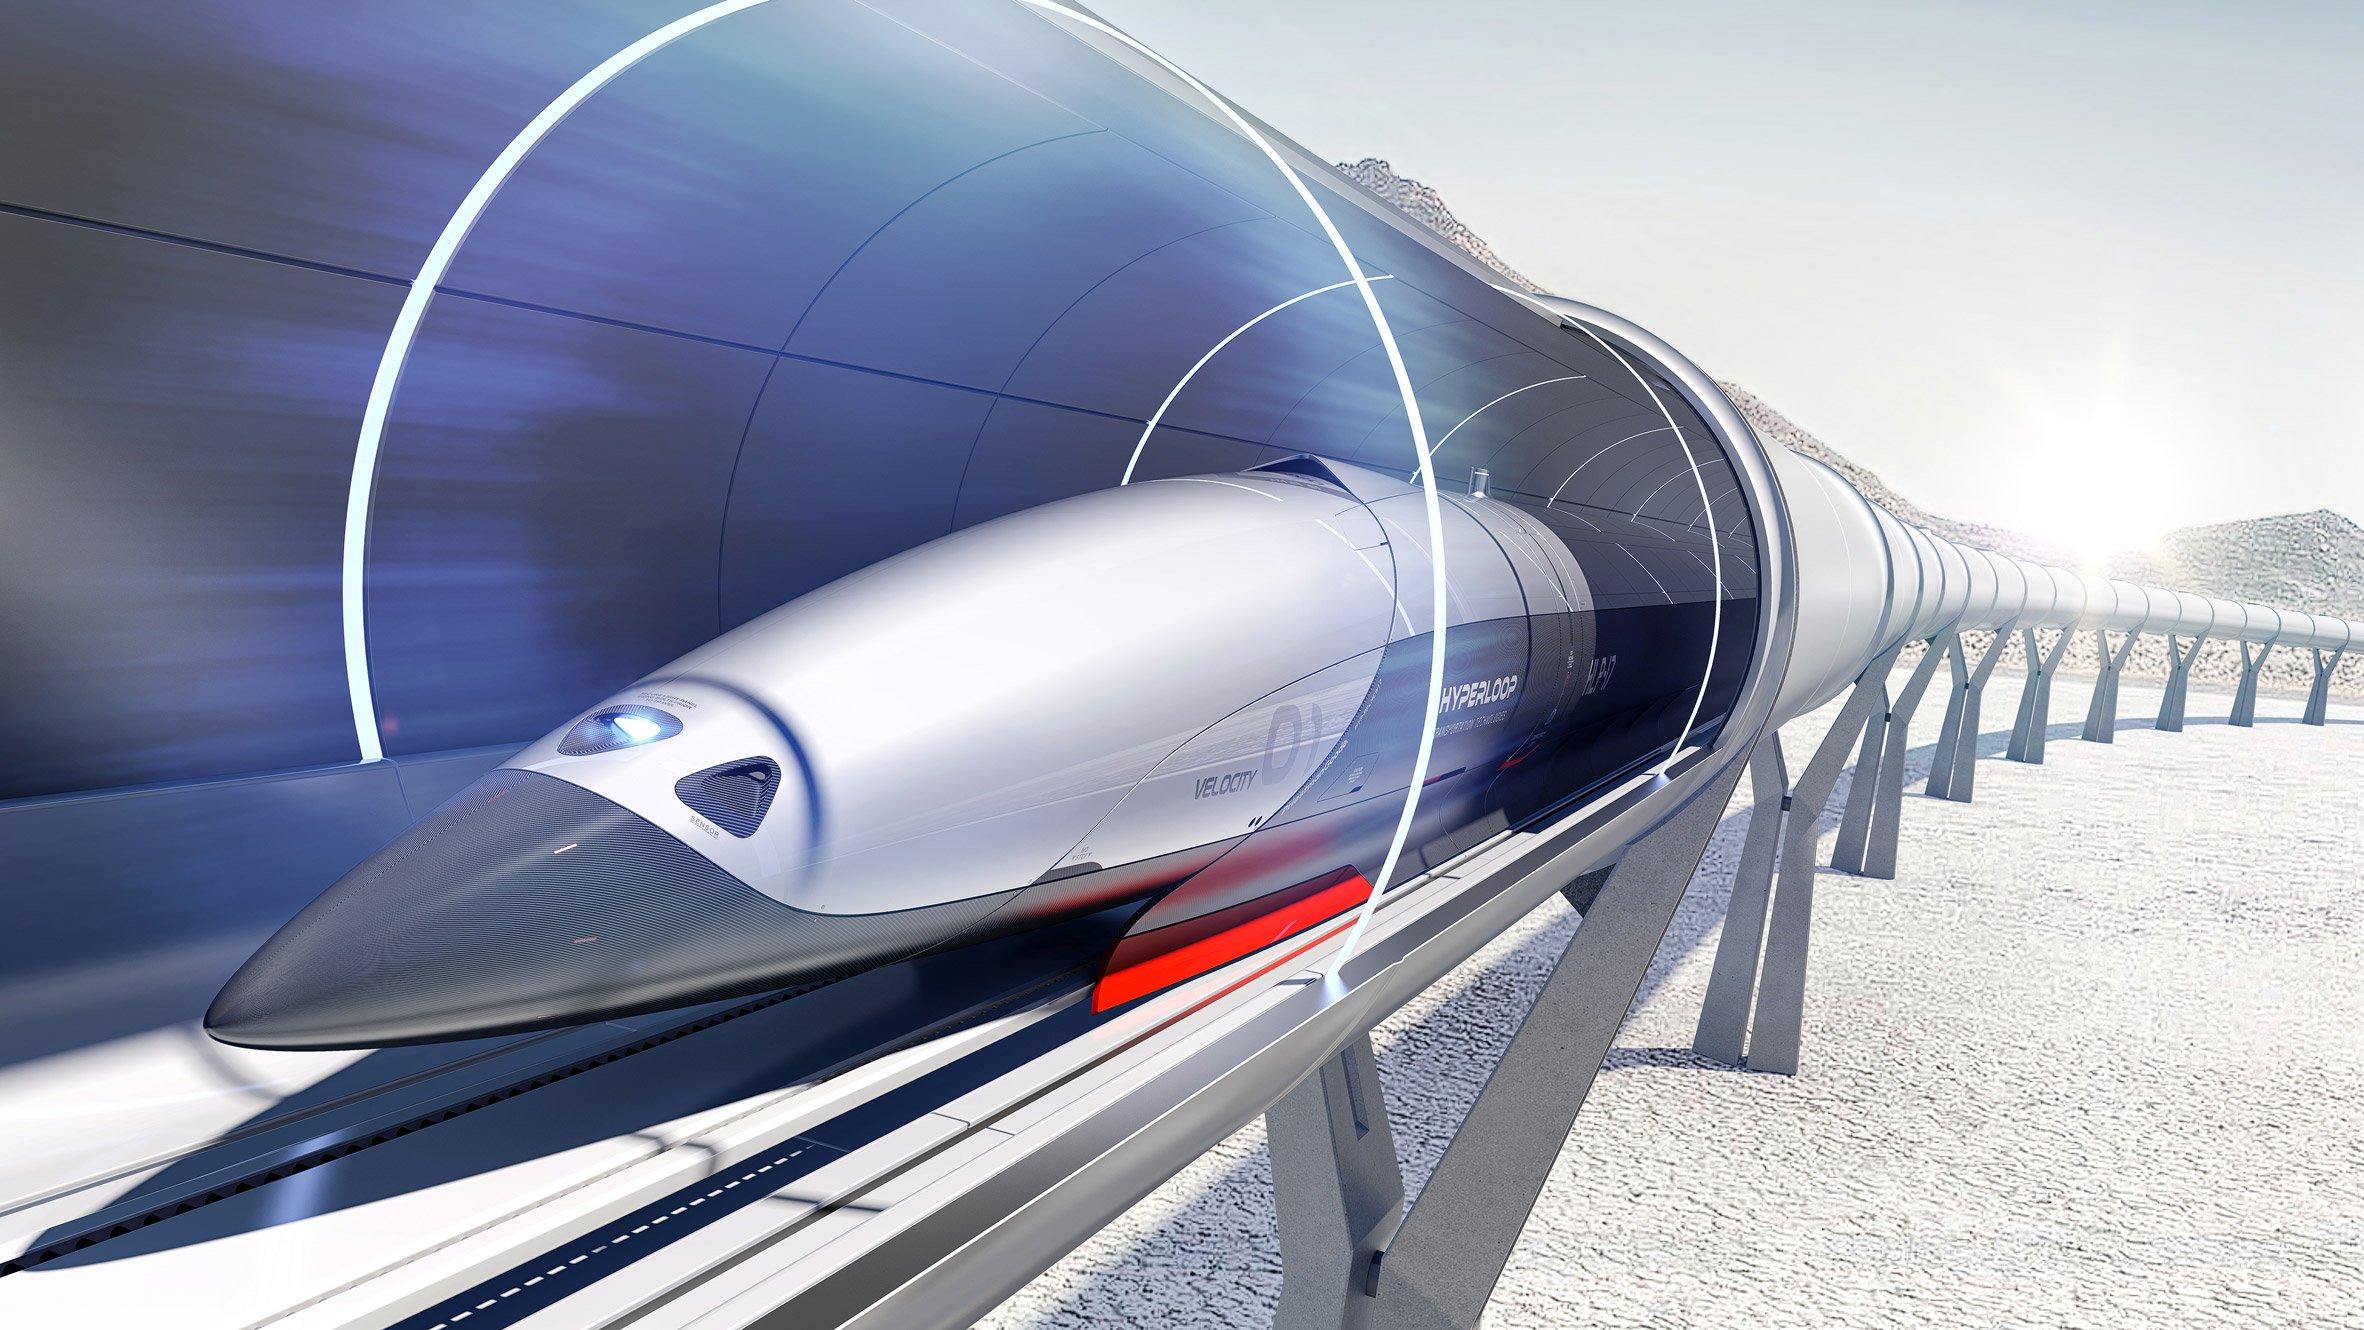 Министр инфраструктуры хочет запустить Hyperloop 1